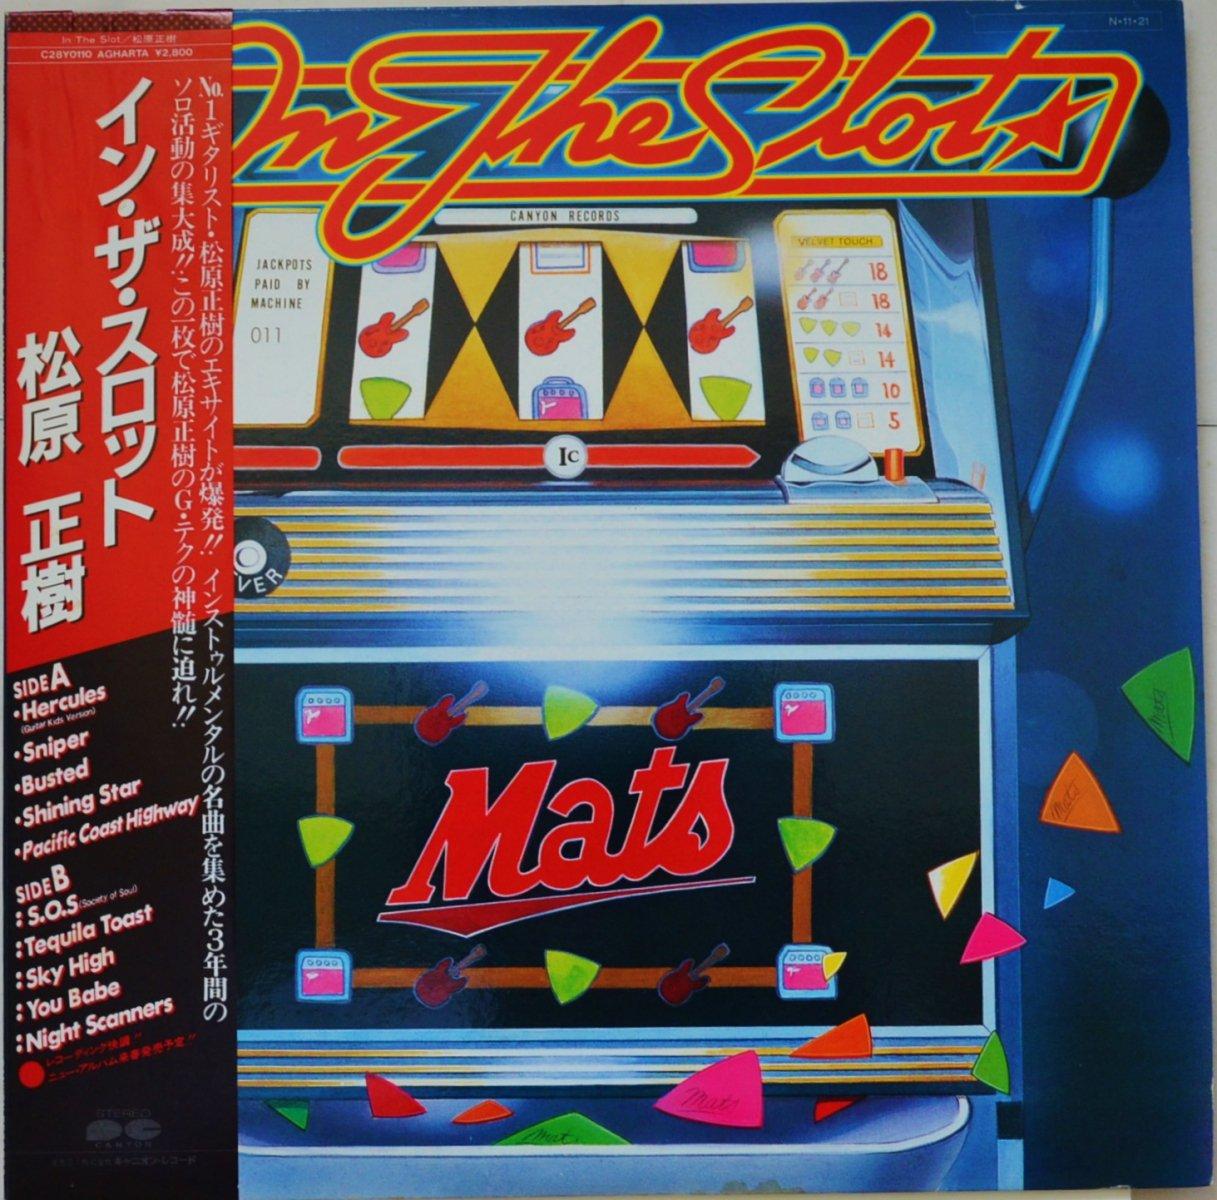 松原正樹 MASAKI MATSUBARA / イン・ザ・スロット IN THE SLOT (LP)